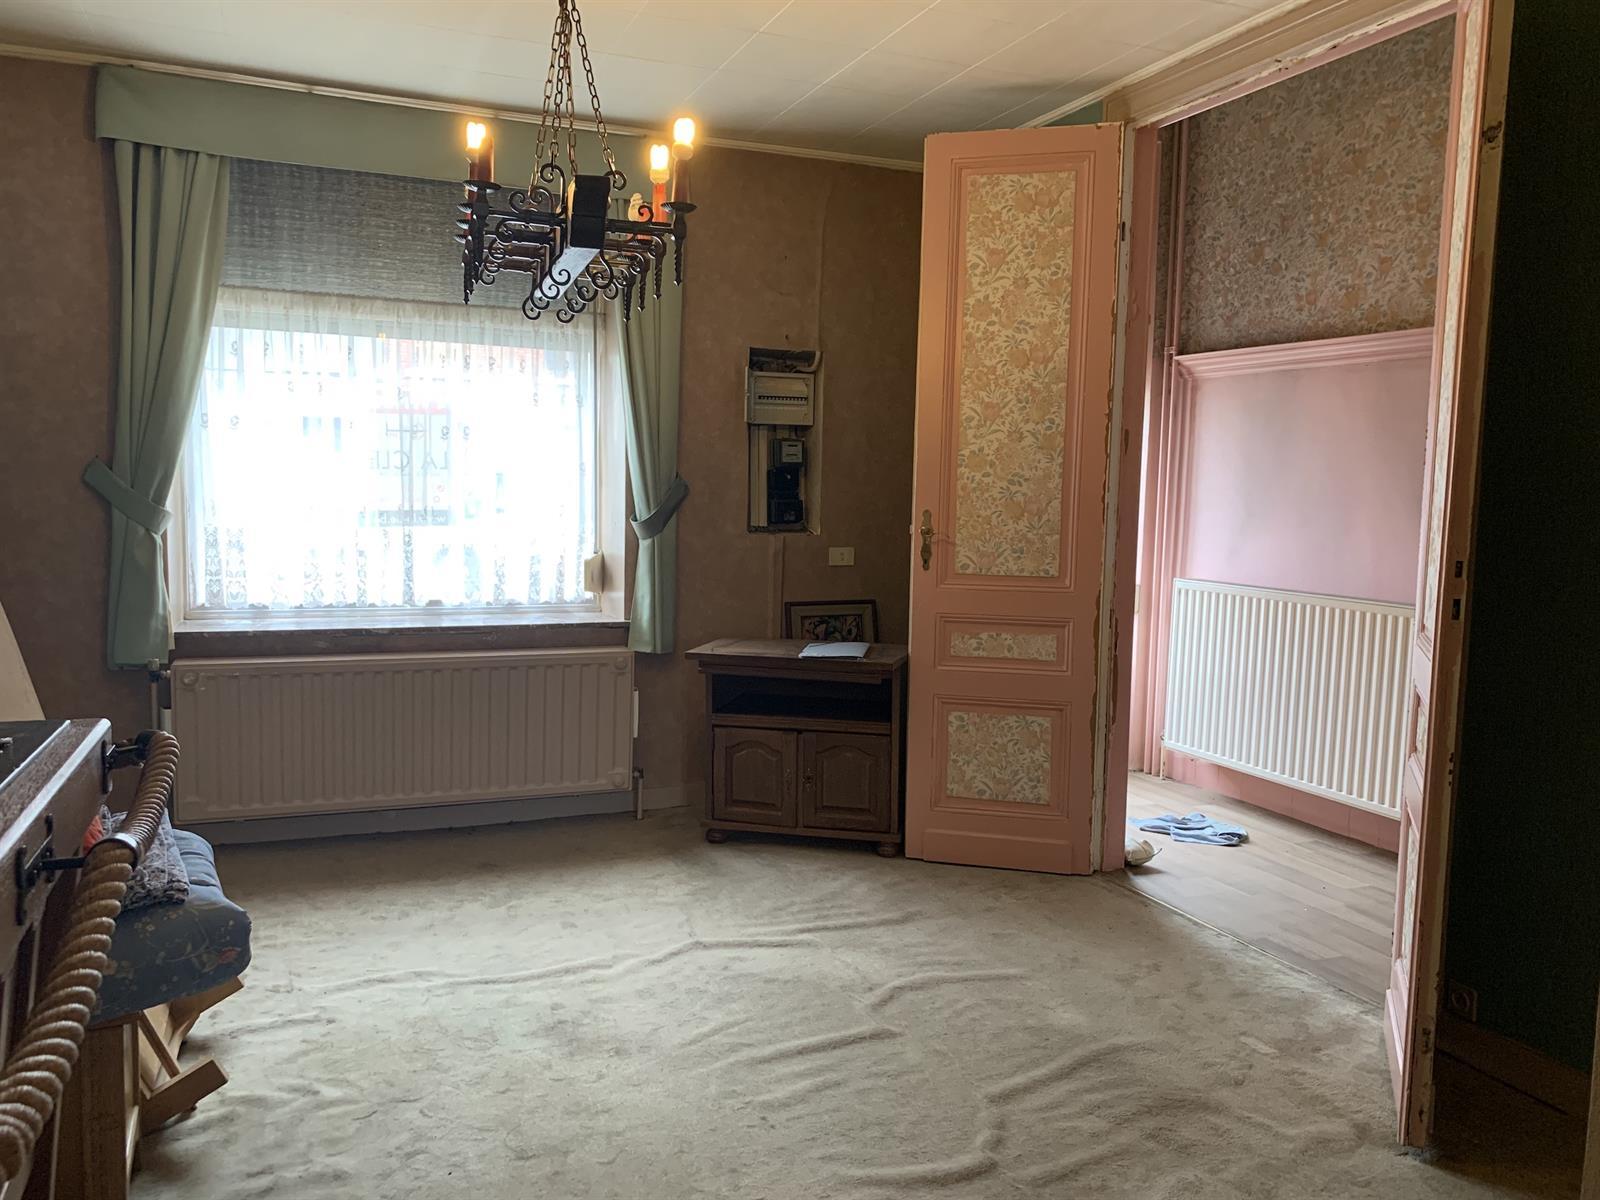 Maison - Charleroi Lodelinsart - #4281144-2